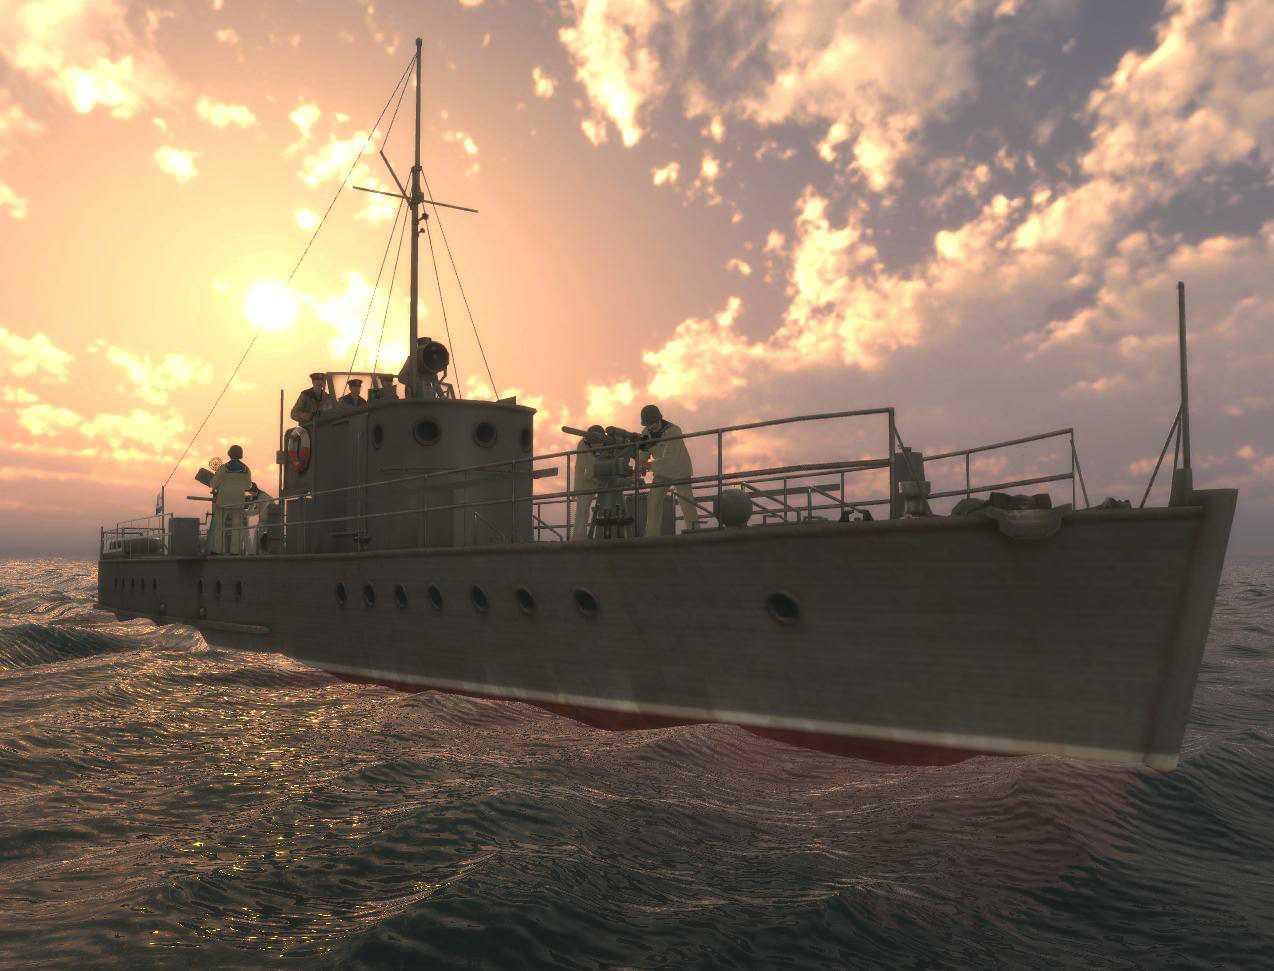 Корабль морской охотник картинки